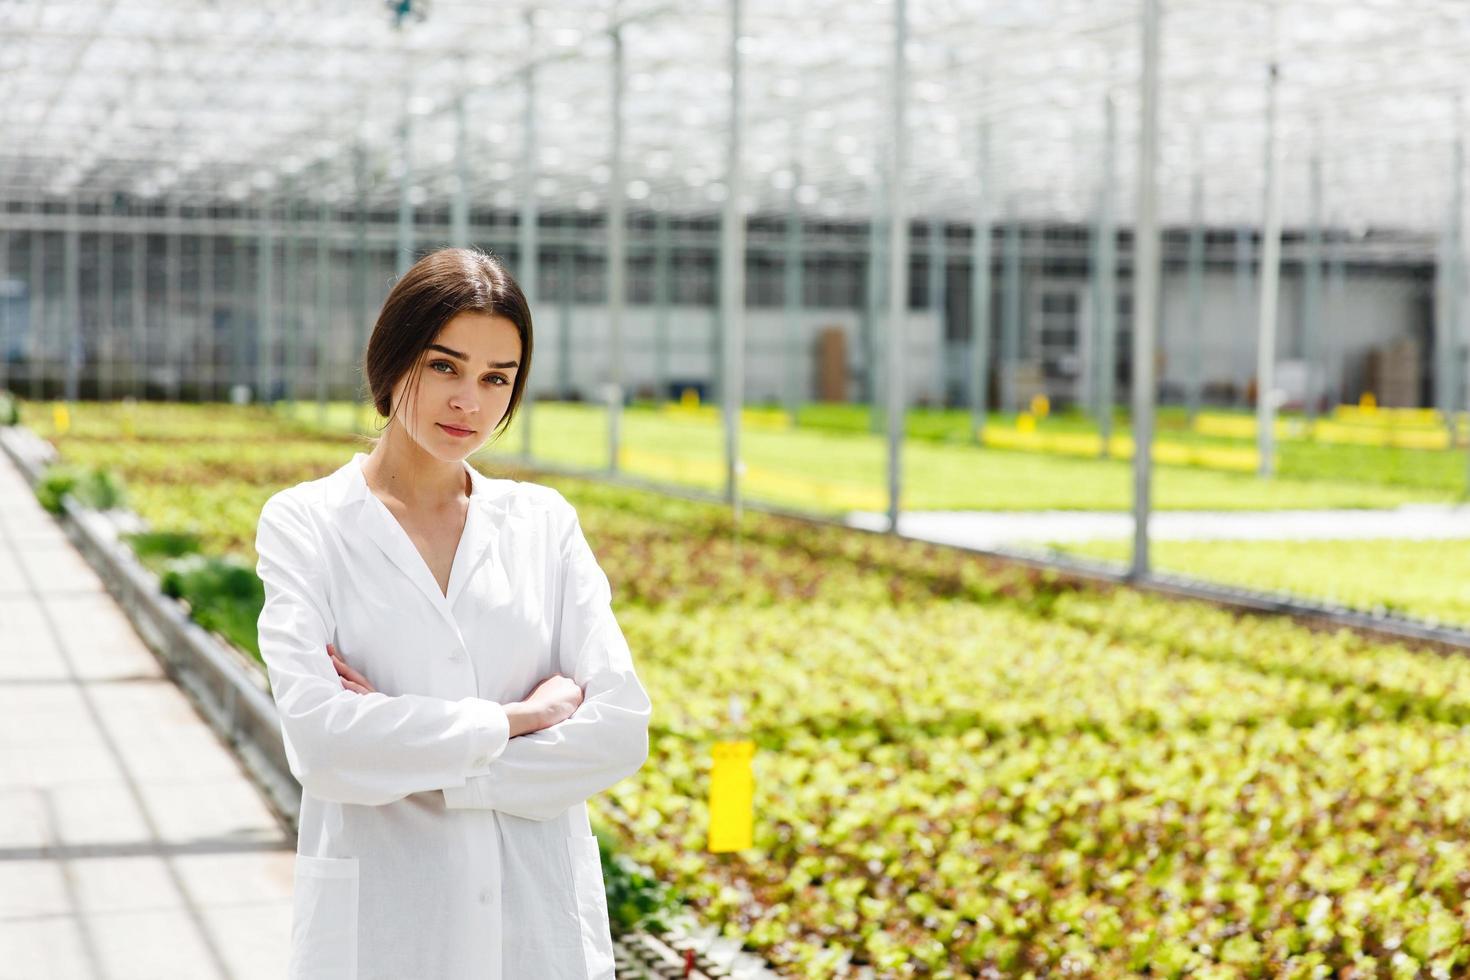 femme en robe de laboratoire blanc photo